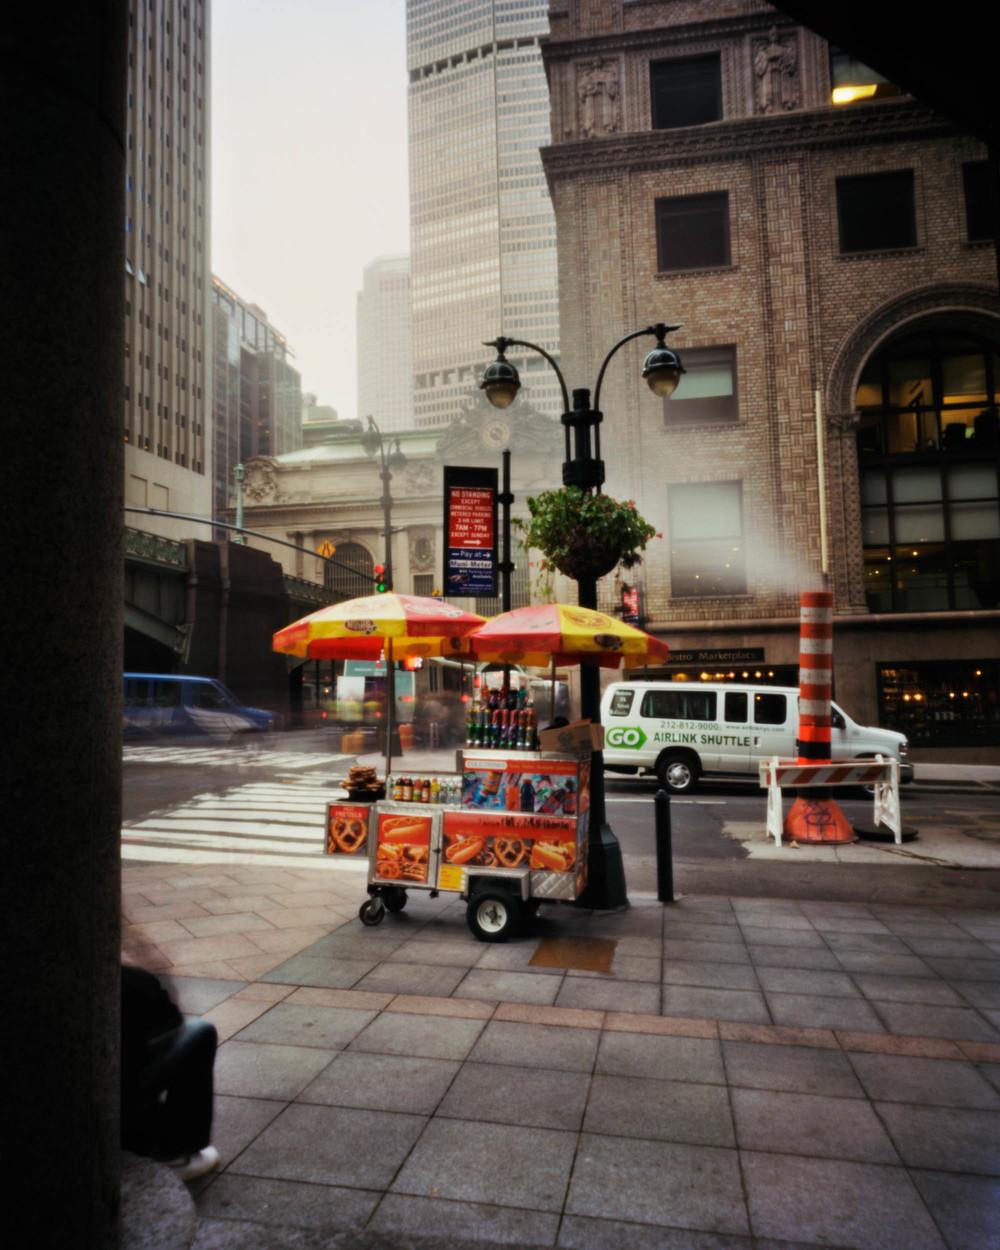 Marasco_Park_Avenue_&_East_41st_Street.jpg